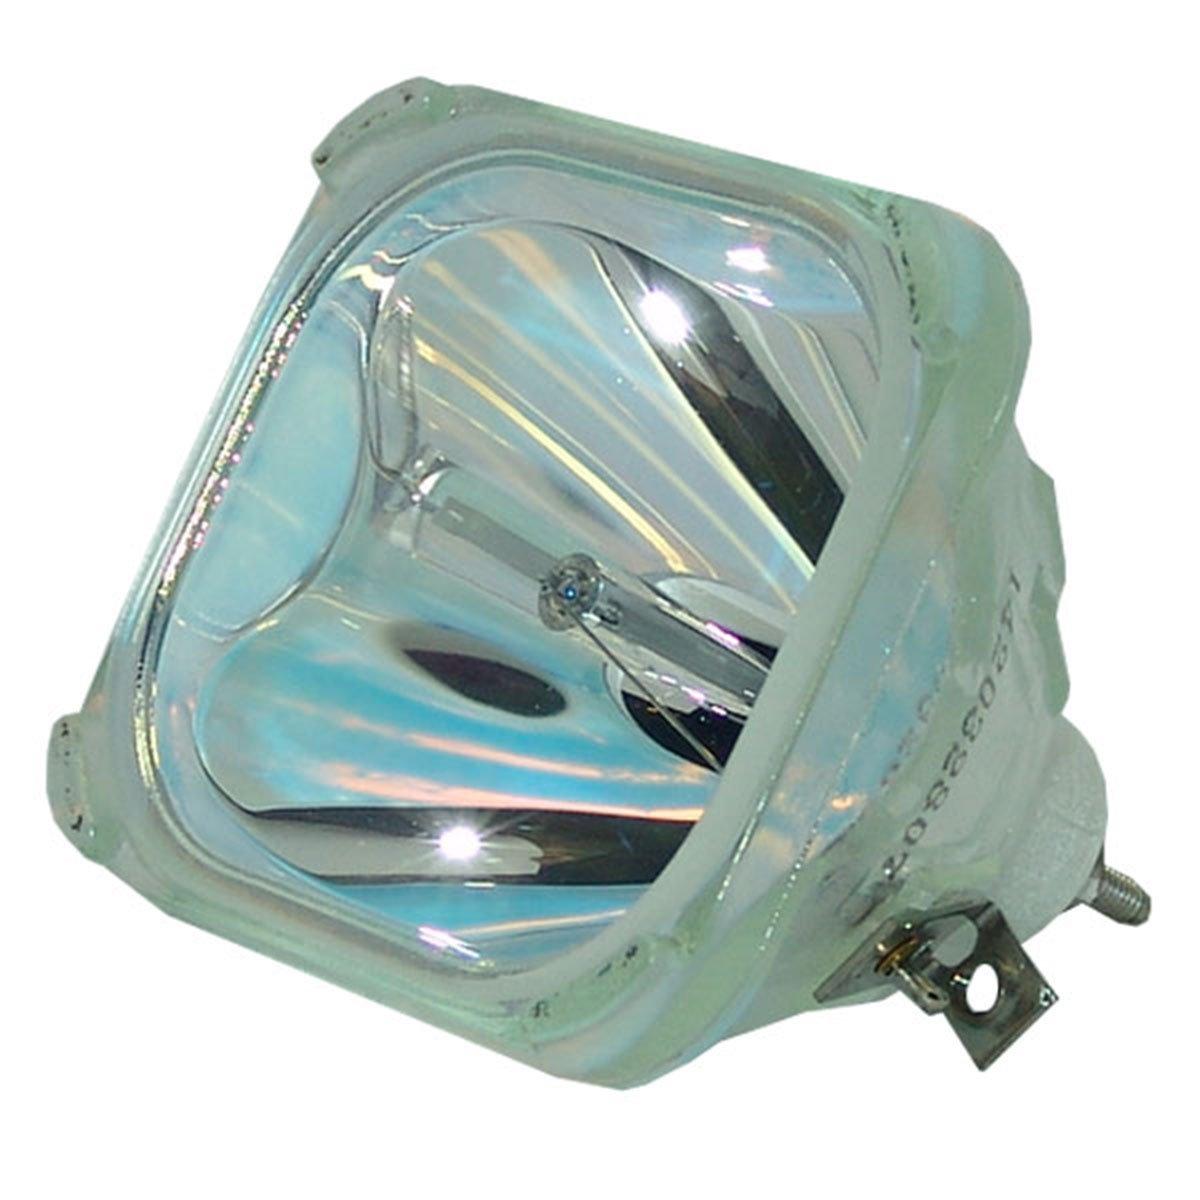 オリジナルフィリップス プロジェクター交換用ランプ 日立PJ-TX200用 Platinum (Brighter/Durable) B07L299CYZ Lamp Only Platinum (Brighter/Durable)